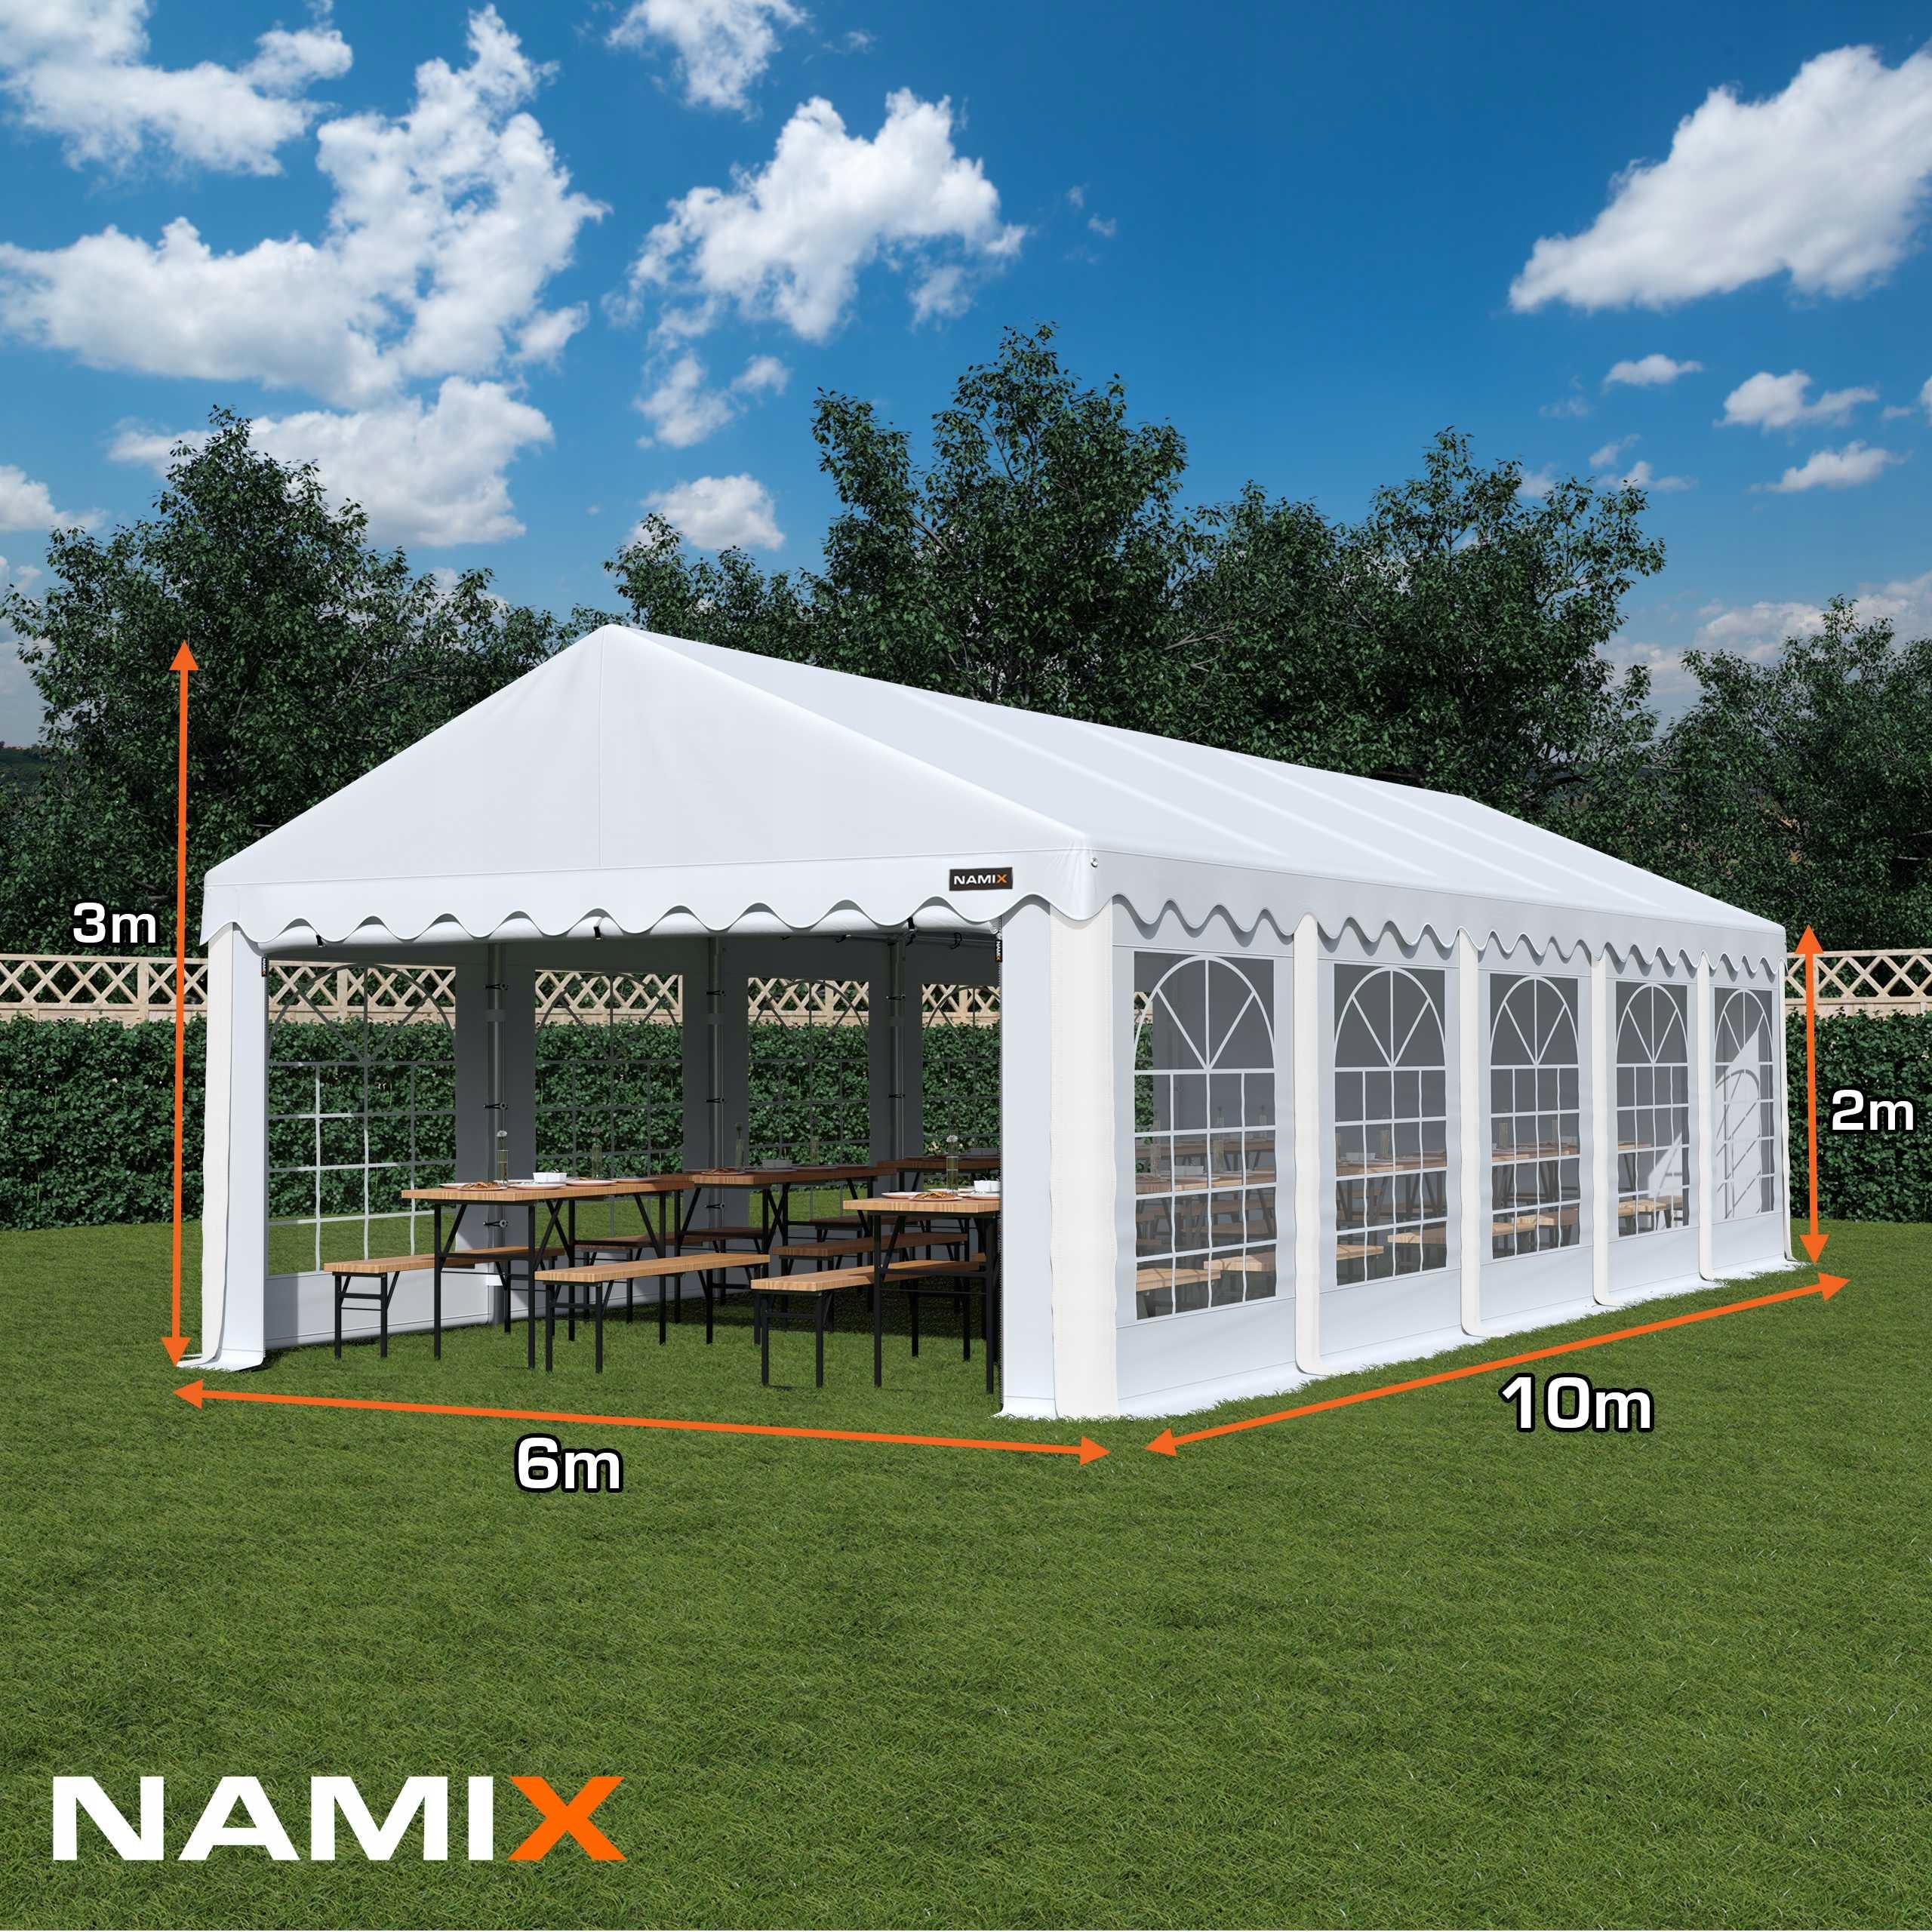 ZÁKLADNÝ STAN 6x10 na záhradnú párty RÔZNE FARBY Výrobca NAMIX